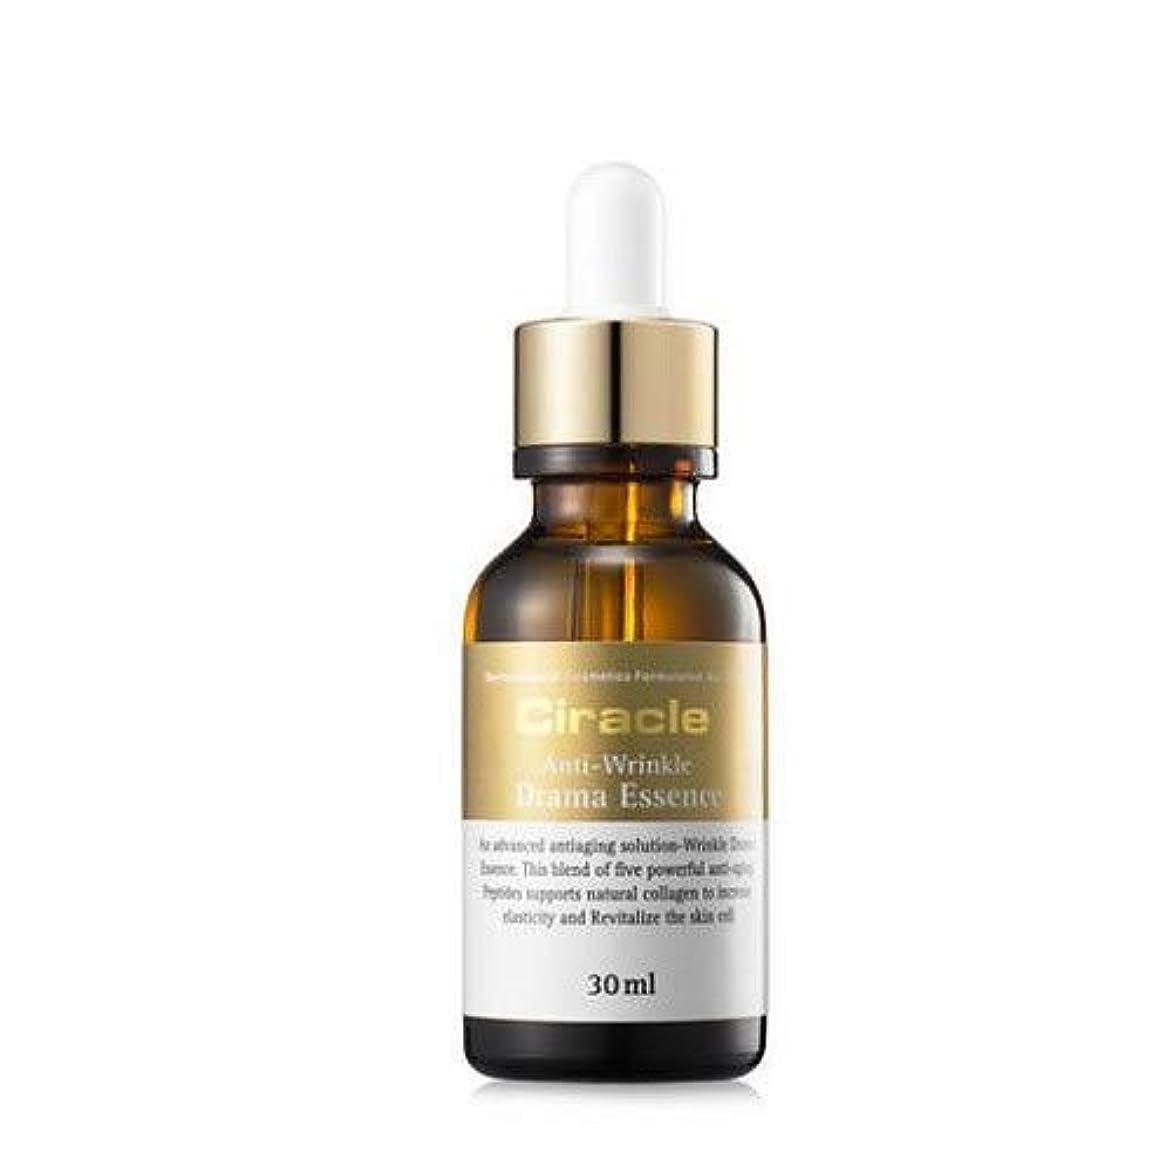 欠乏戻る幻想的Ciracle シラクル アンチ リンクル ドラマ エッセンス 保湿効果 栄養供給 敏感肌 乾燥肌 アンチエイジング 美容液